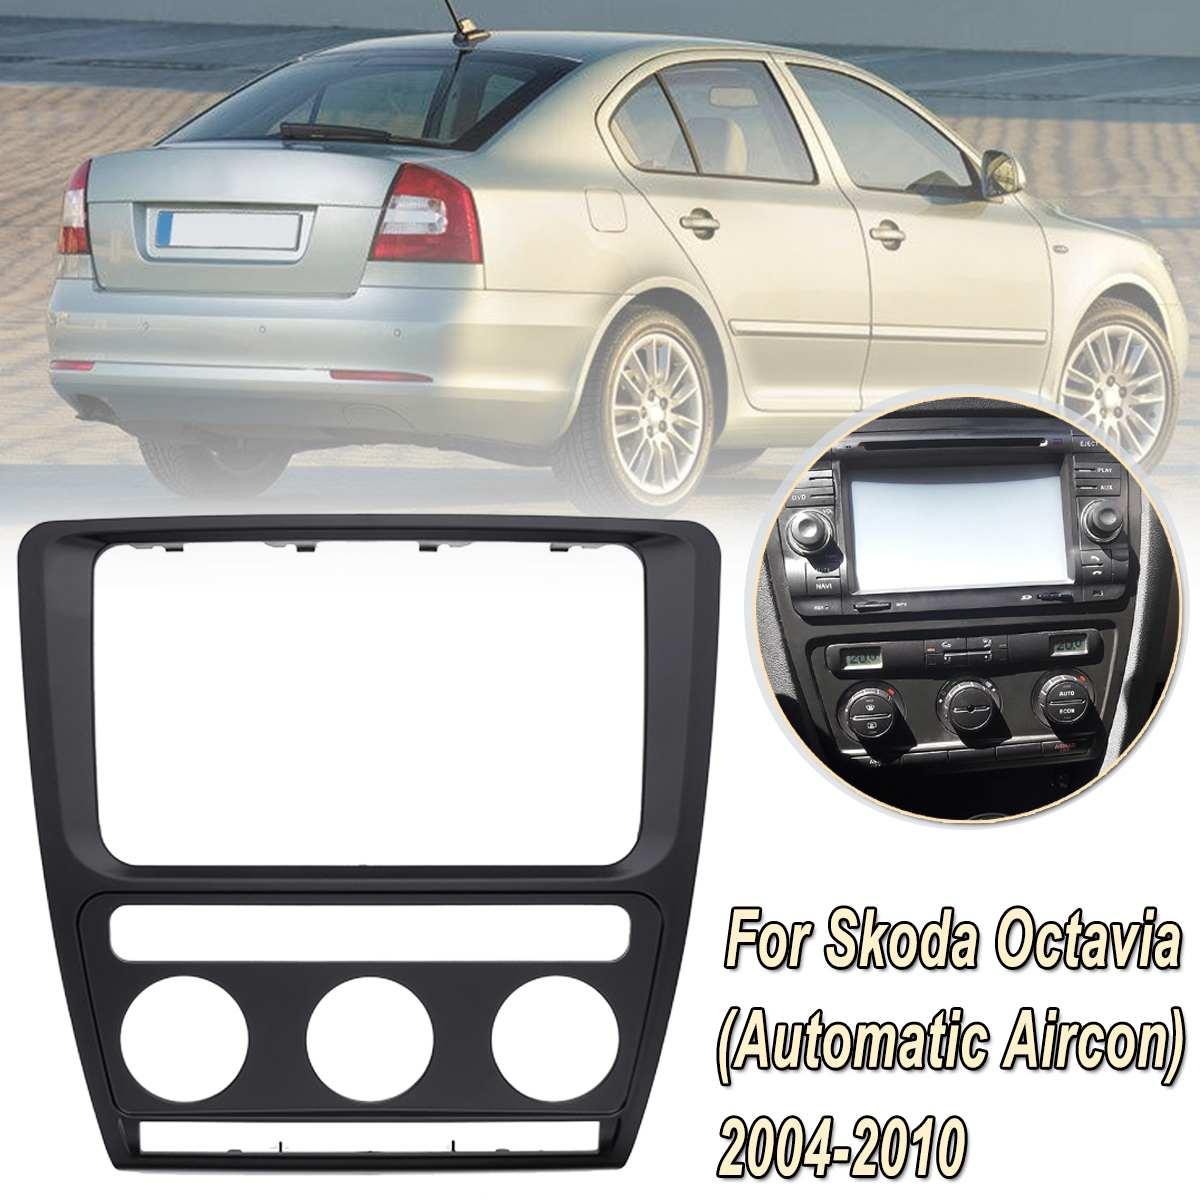 Cadre de plaque de Fascia de tableau de bord de panneau Radio pour Skoda Octavia (climatisation automatique) 2004-2010Cadre de plaque de Fascia de tableau de bord de panneau Radio pour Skoda Octavia (climatisation automatique) 2004-2010